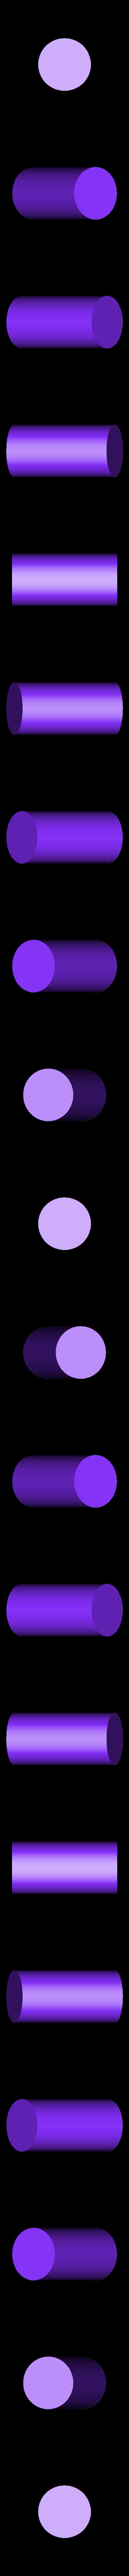 Peg.stl Télécharger fichier STL gratuit Frégate Nebulon B (coupée et sectionnée) • Modèle pour impression 3D, Masterkookus